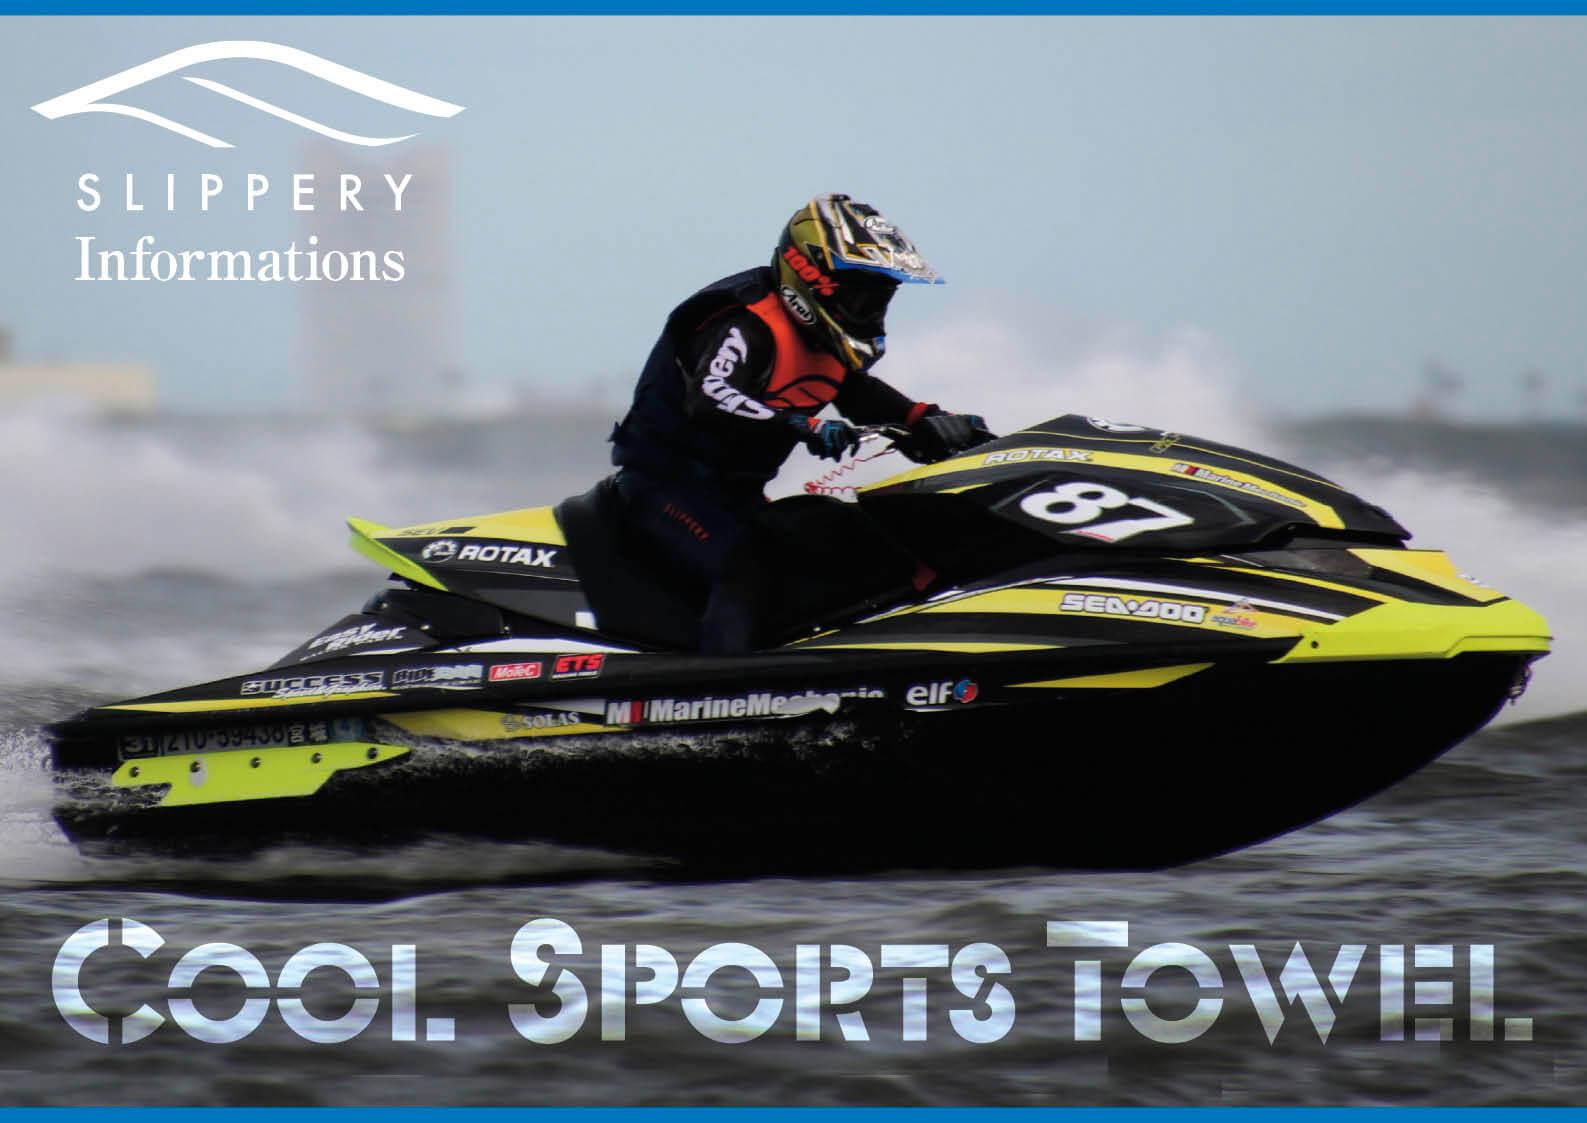 暑い夏も頭からひんやり! フード付きの冷感スポーツタオルがスリッパリーから新発売 ジェットスキー(水上バイク)